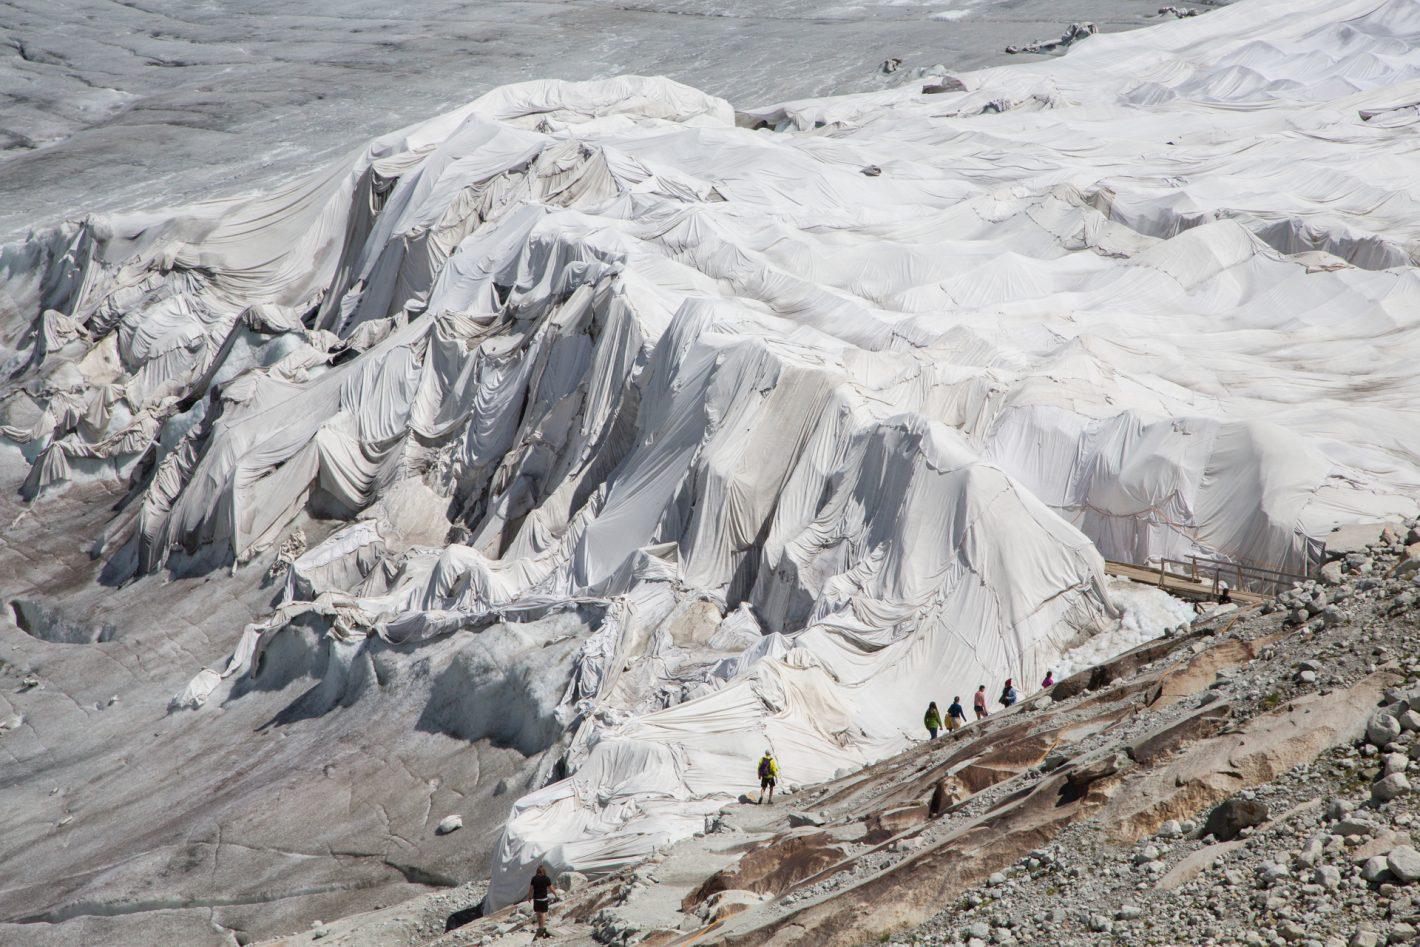 Le glacier du Rhône est recouvert de bâches depuis quelques étés pour protéger sa grotte glaciaire. Il fond en effet de plusieurs mètres par an et disparaîtra complètement d'ici quelques dizaines d'années.